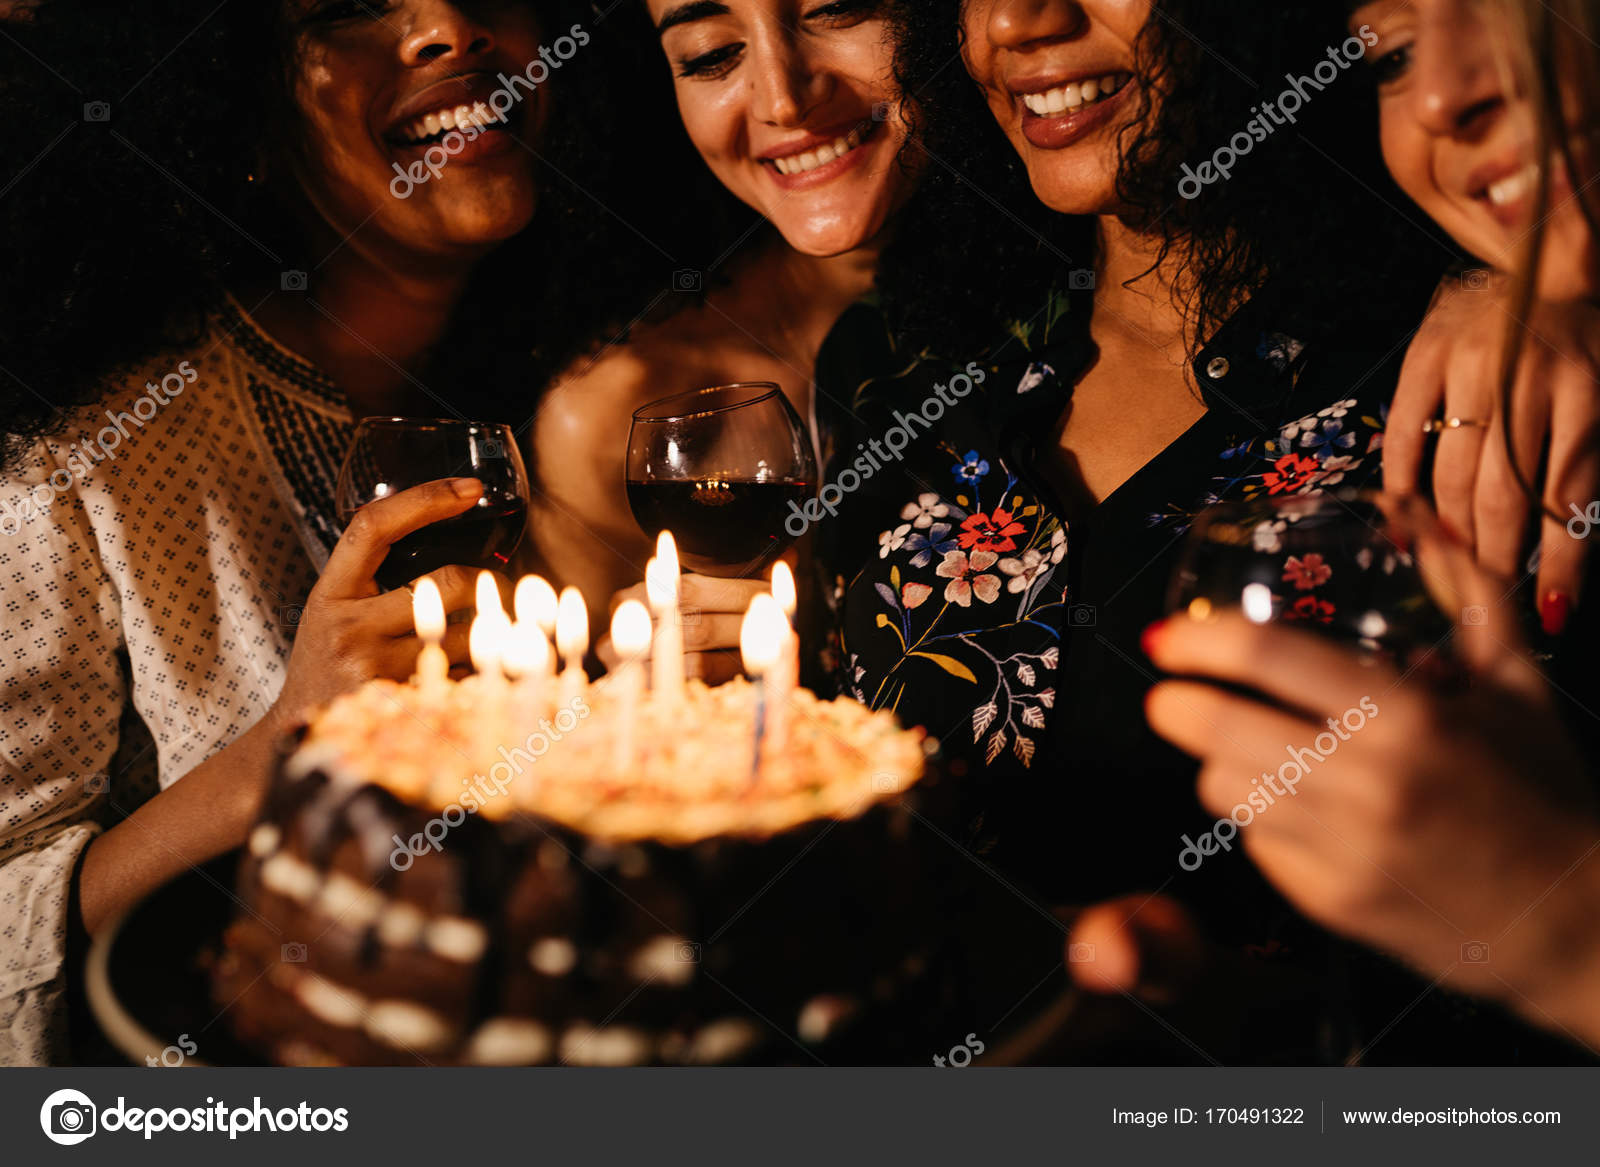 Male best friend birthday wishes